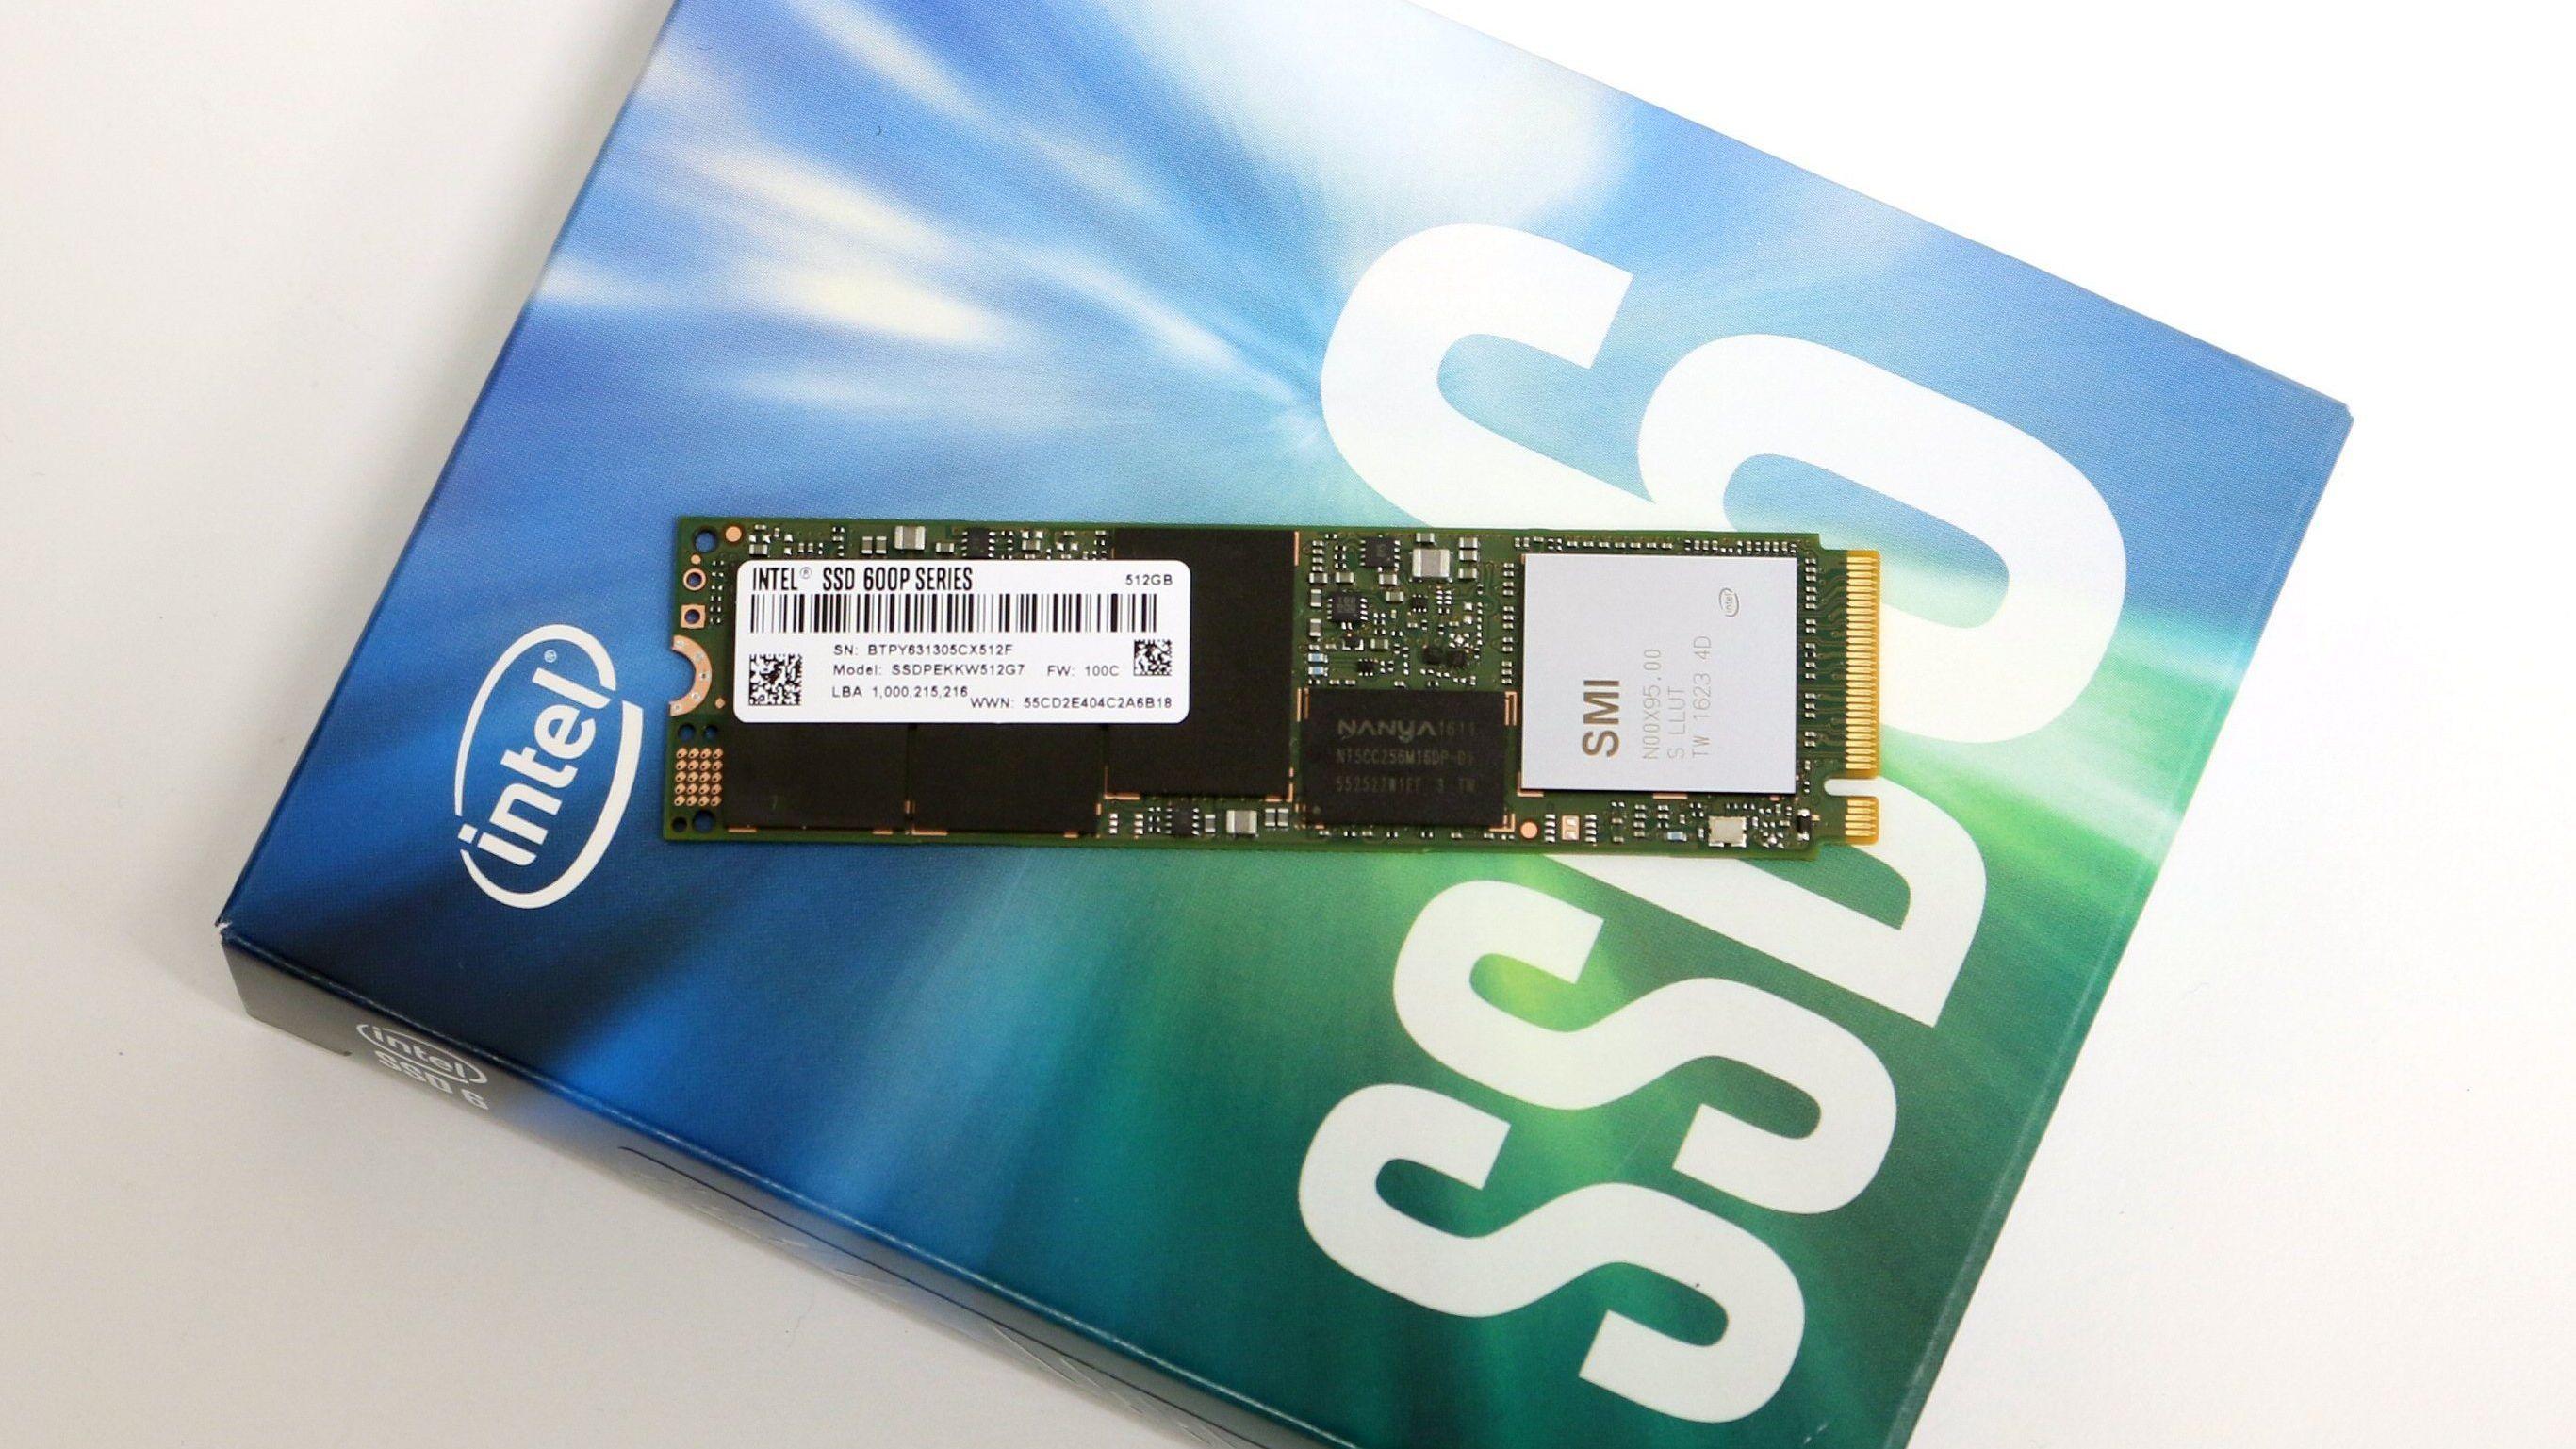 Intel snart på banen med QLC-SSD, hvor hver eneste celle kan lagre fire bit